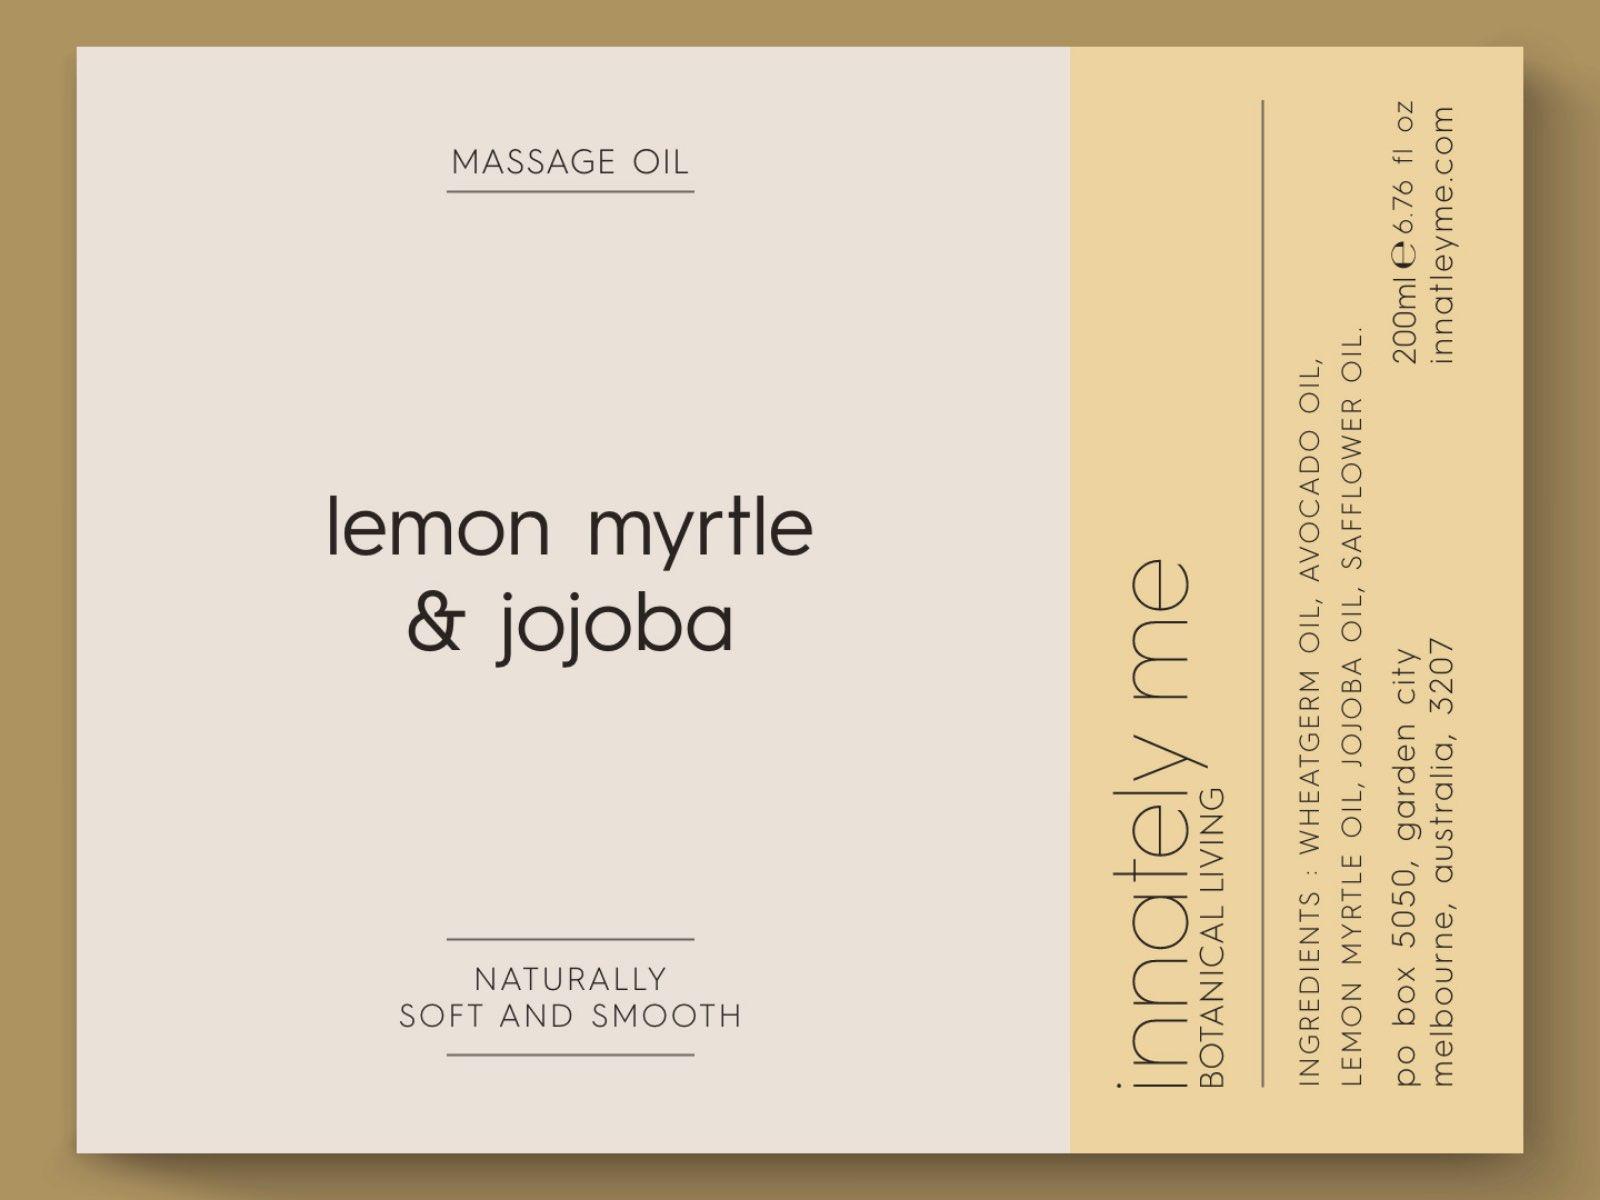 lemon myrtle jojoba label design